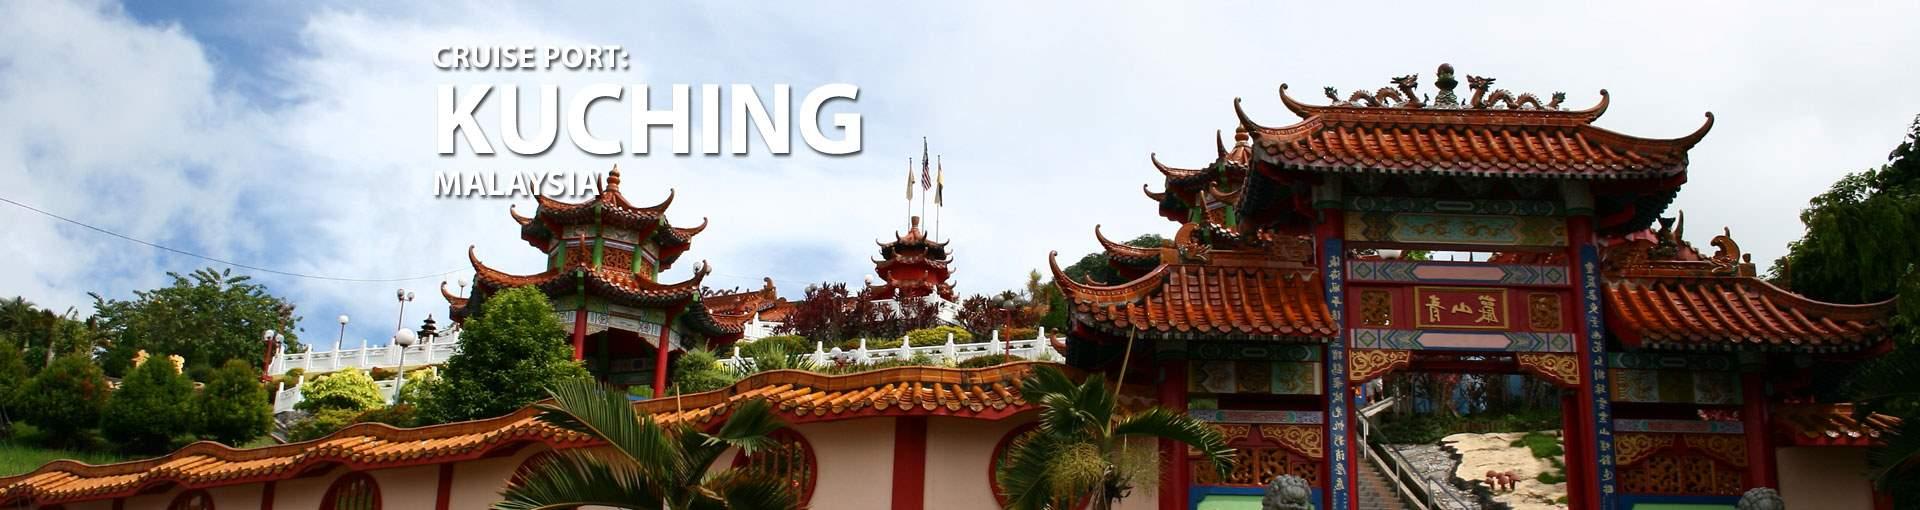 Cruises to Kuching, Malaysia